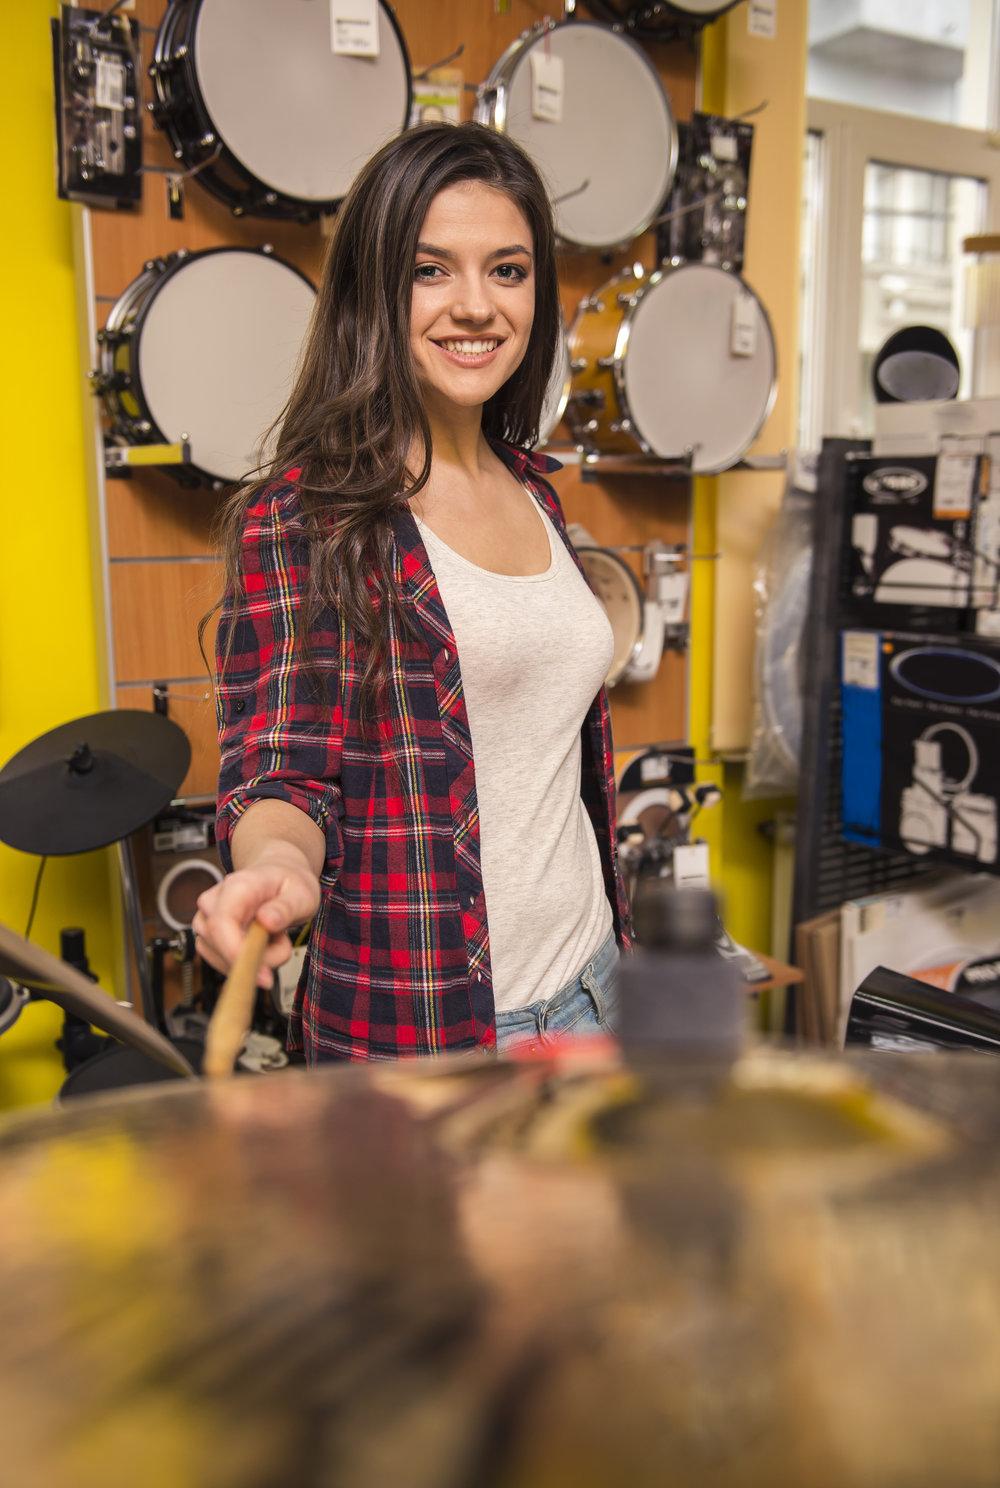 drum-lessons-orlando-9.jpg